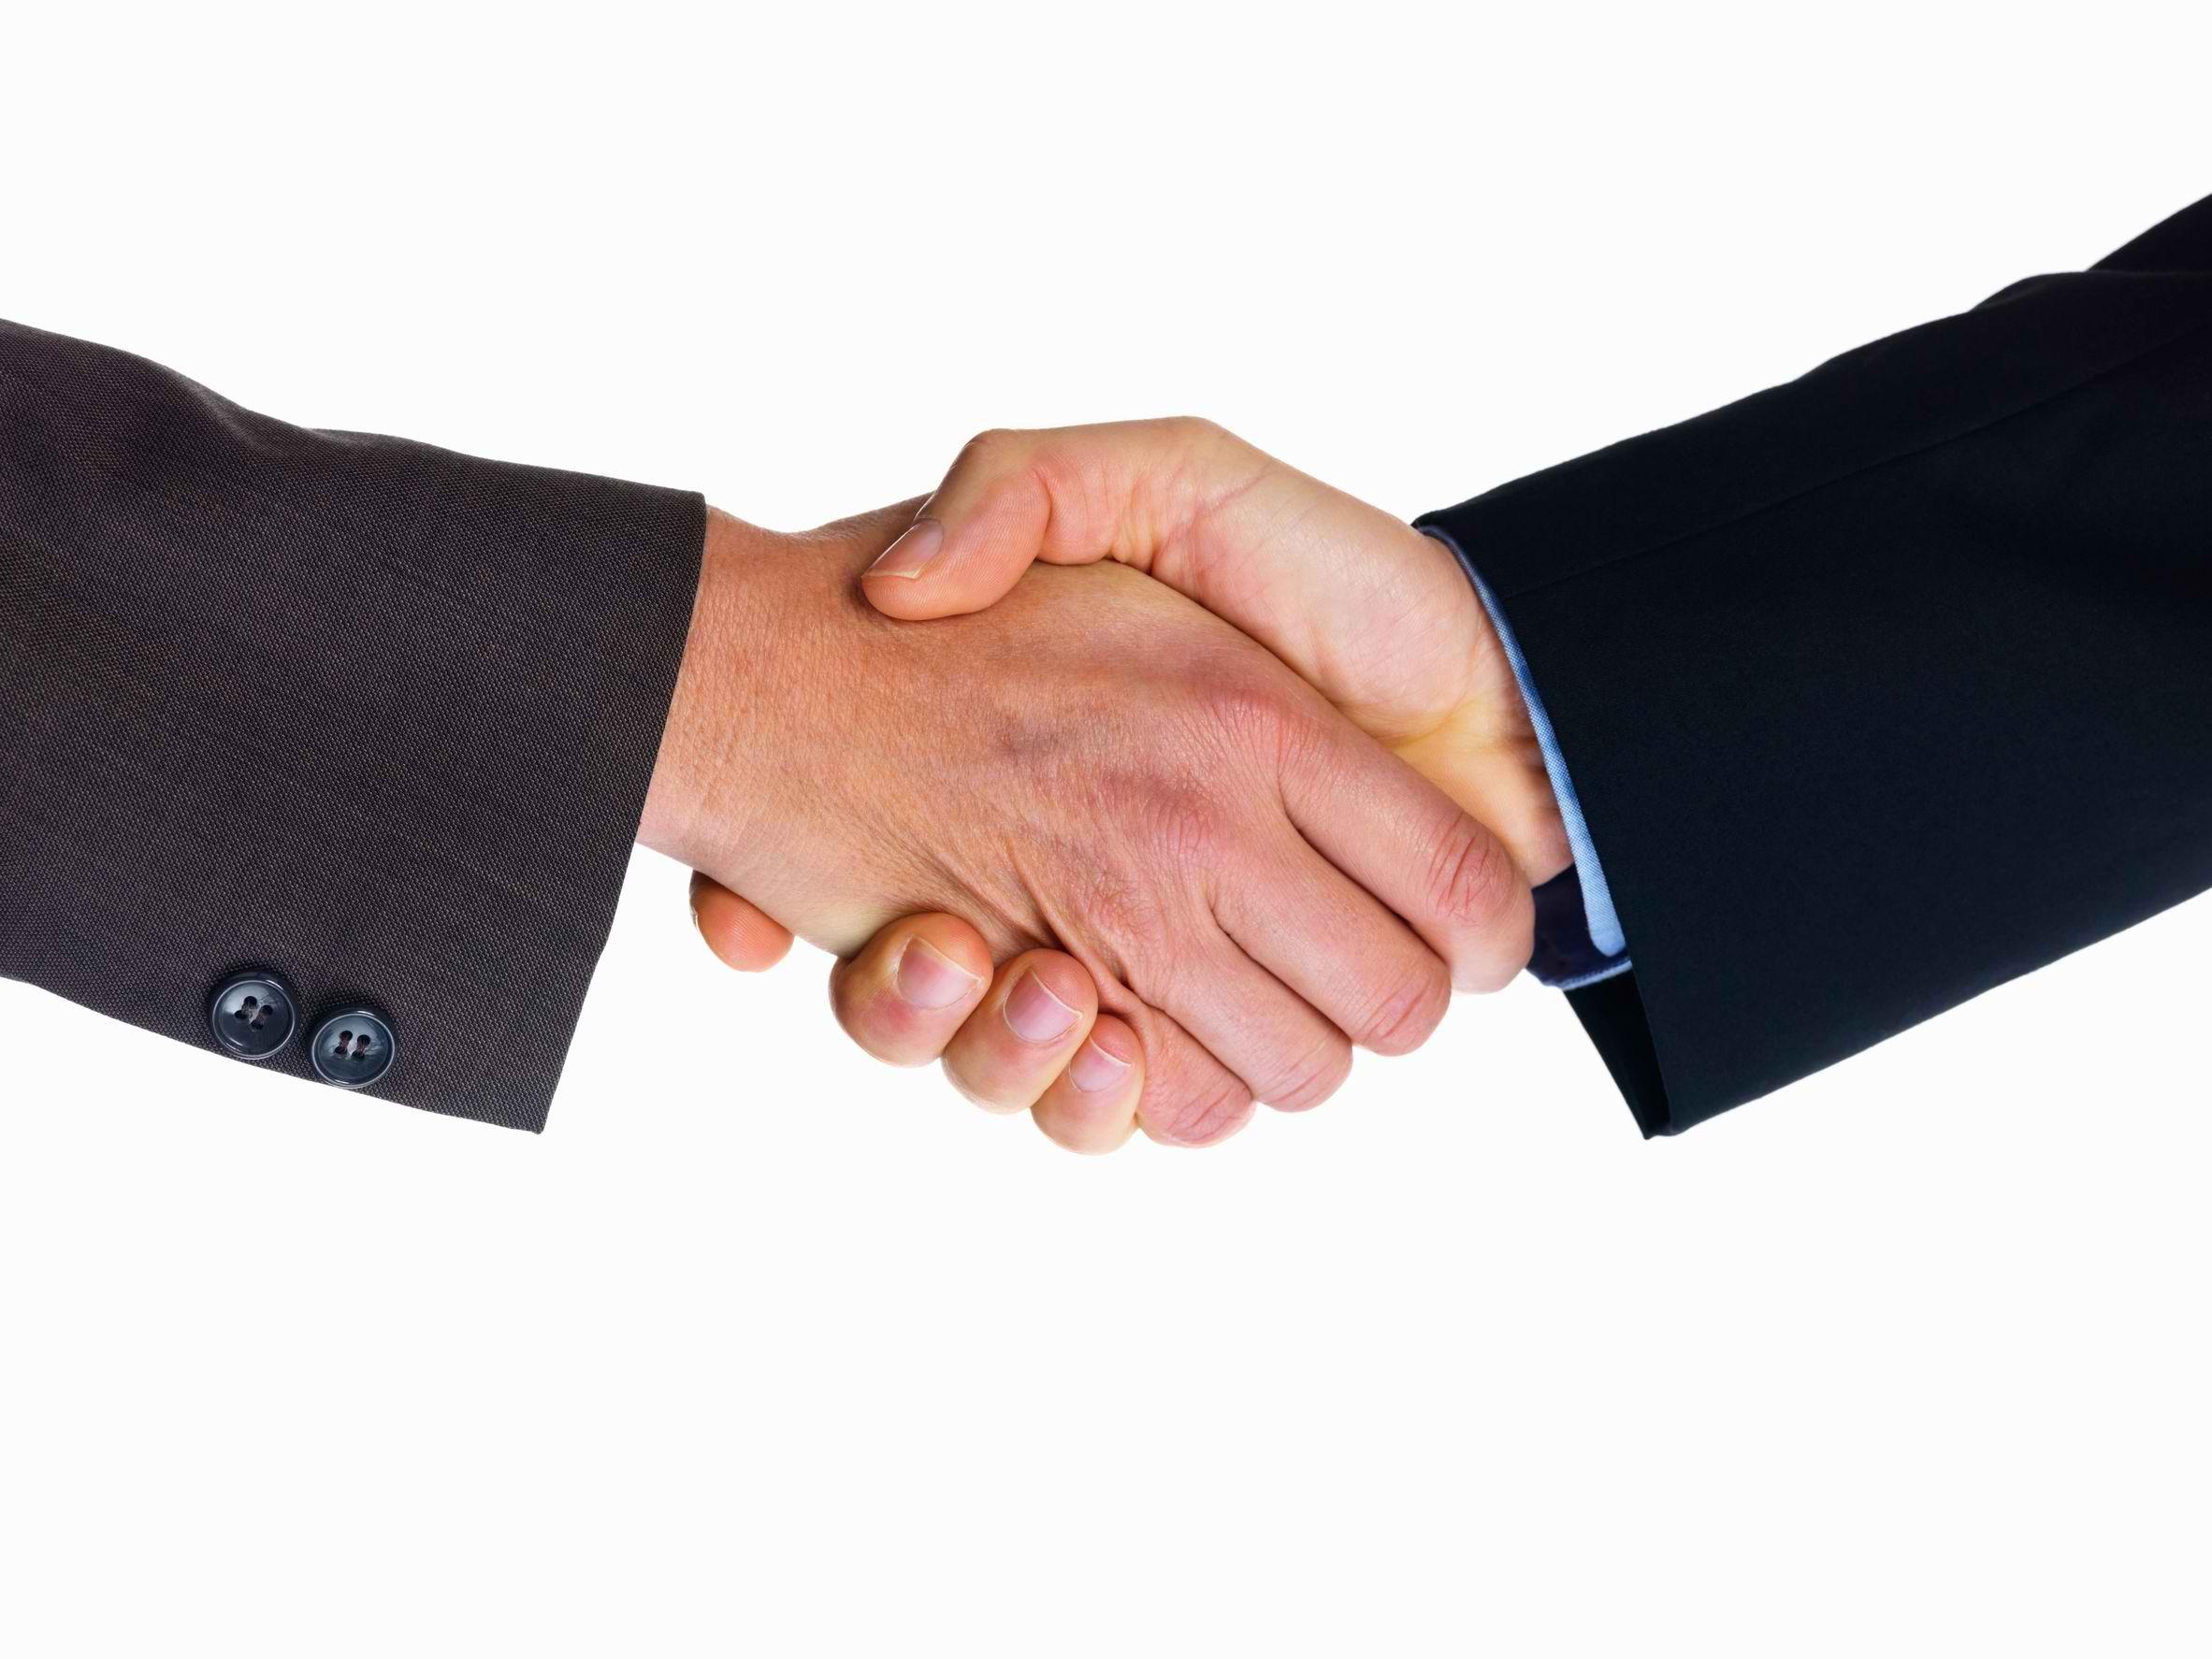 handsShaking